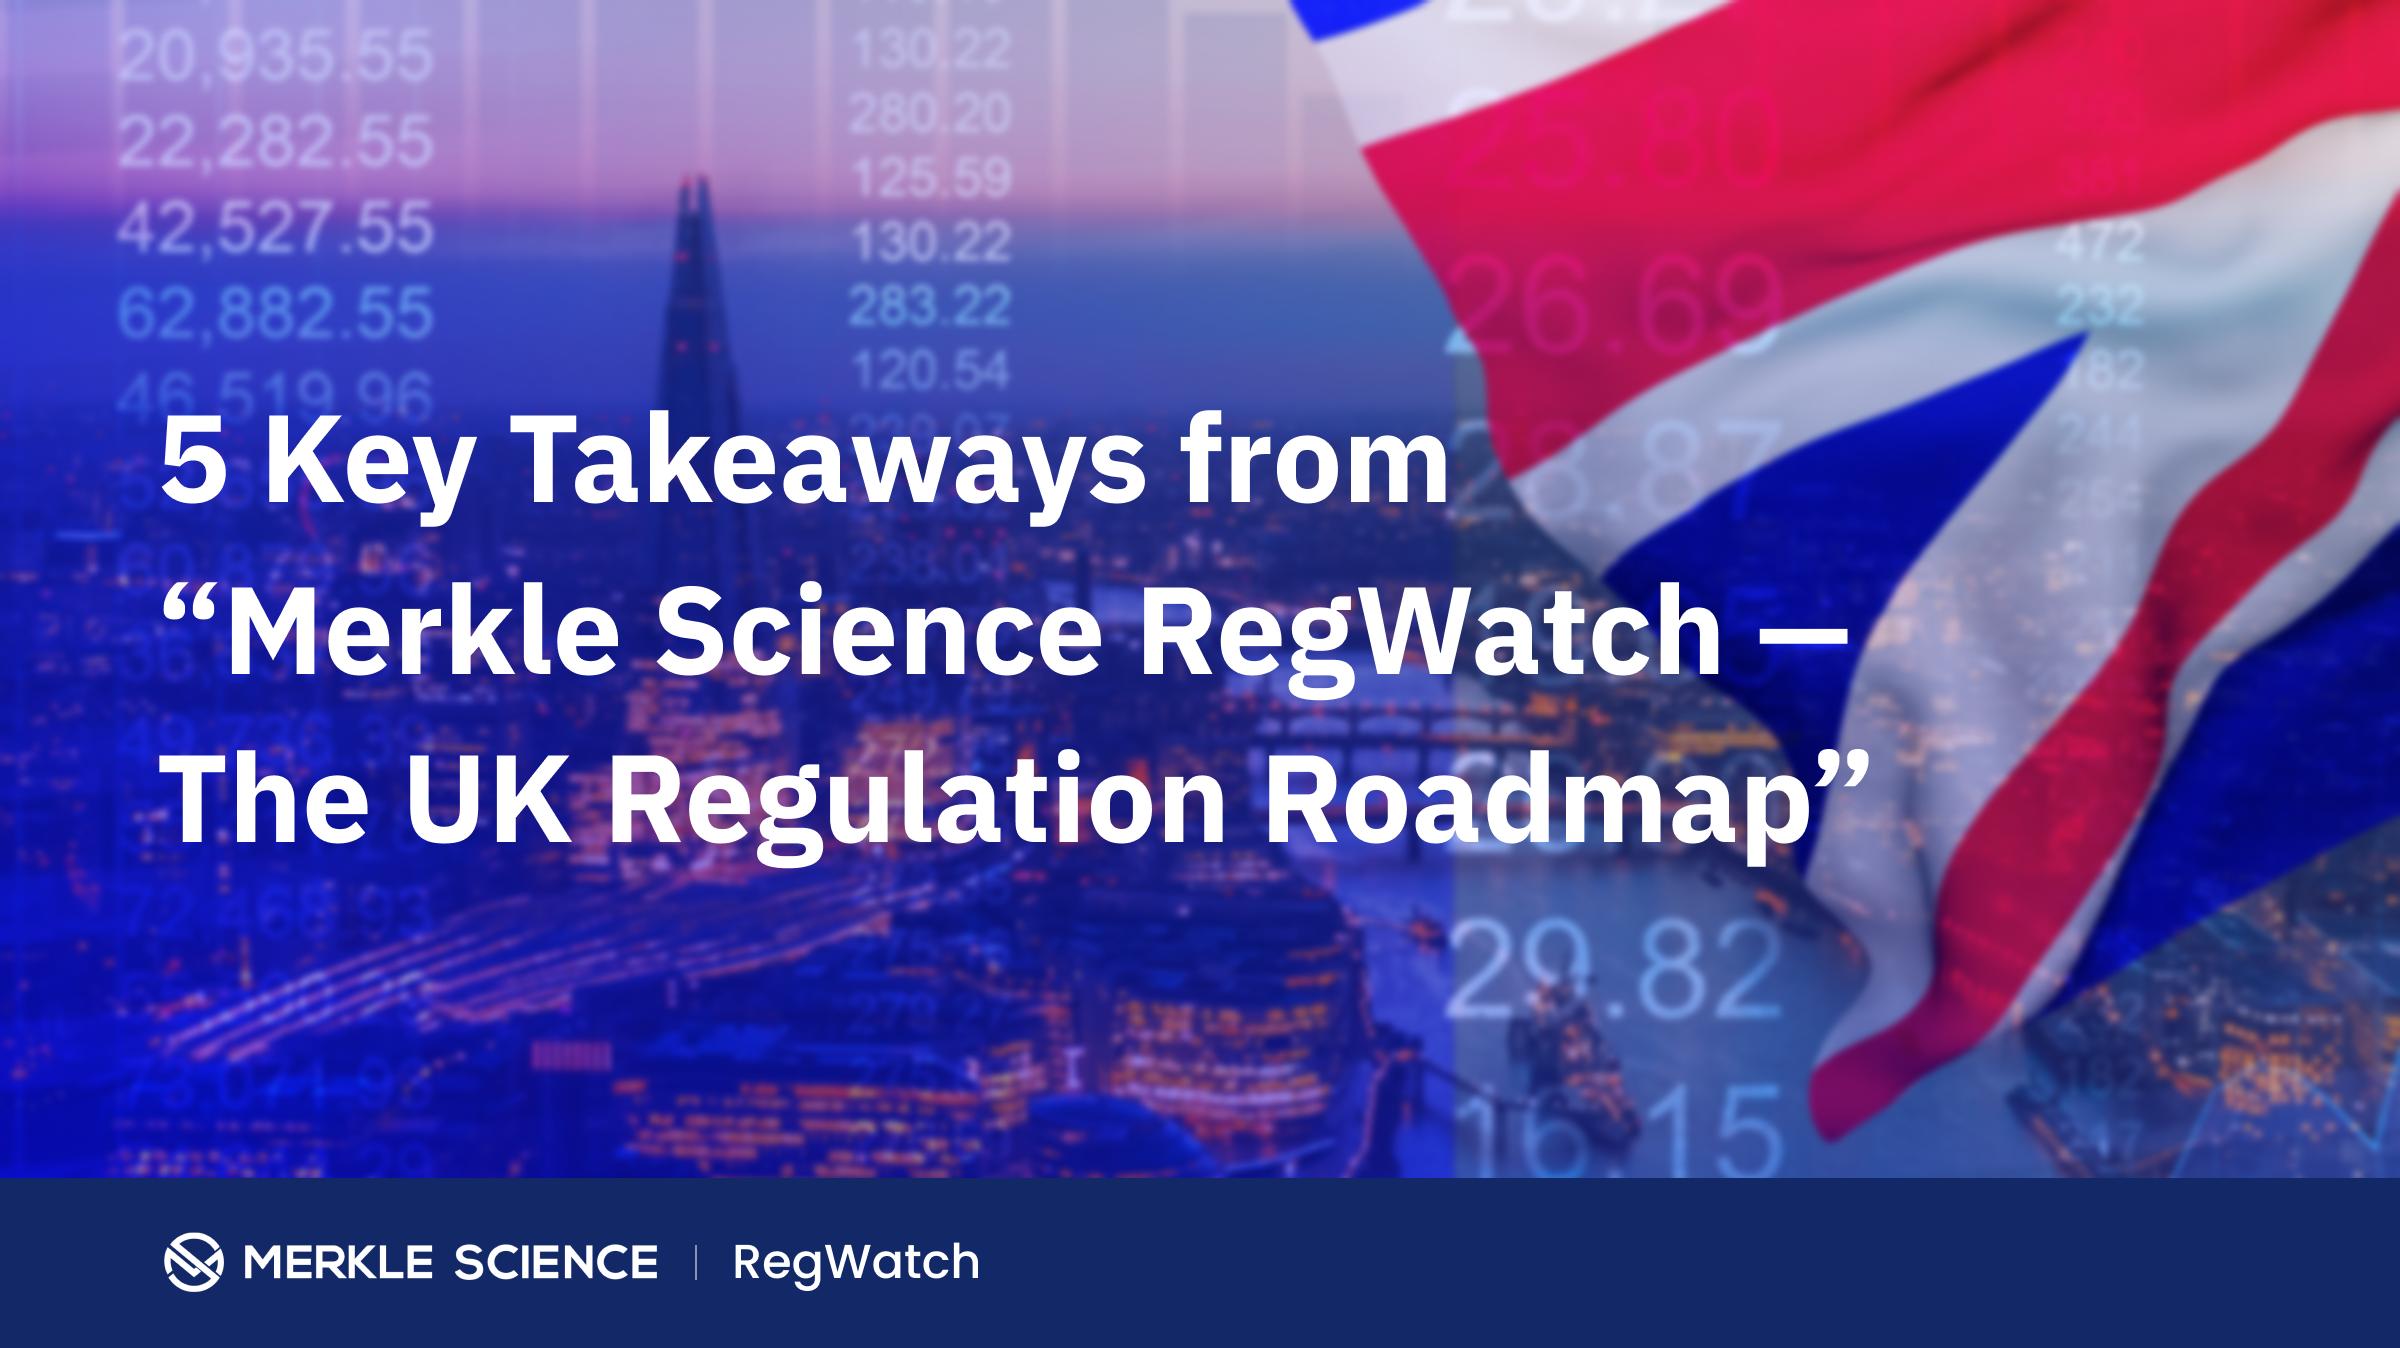 """5 Key Takeaways from """"Merkle Science RegWatch — The UK Regulation Roadmap"""""""